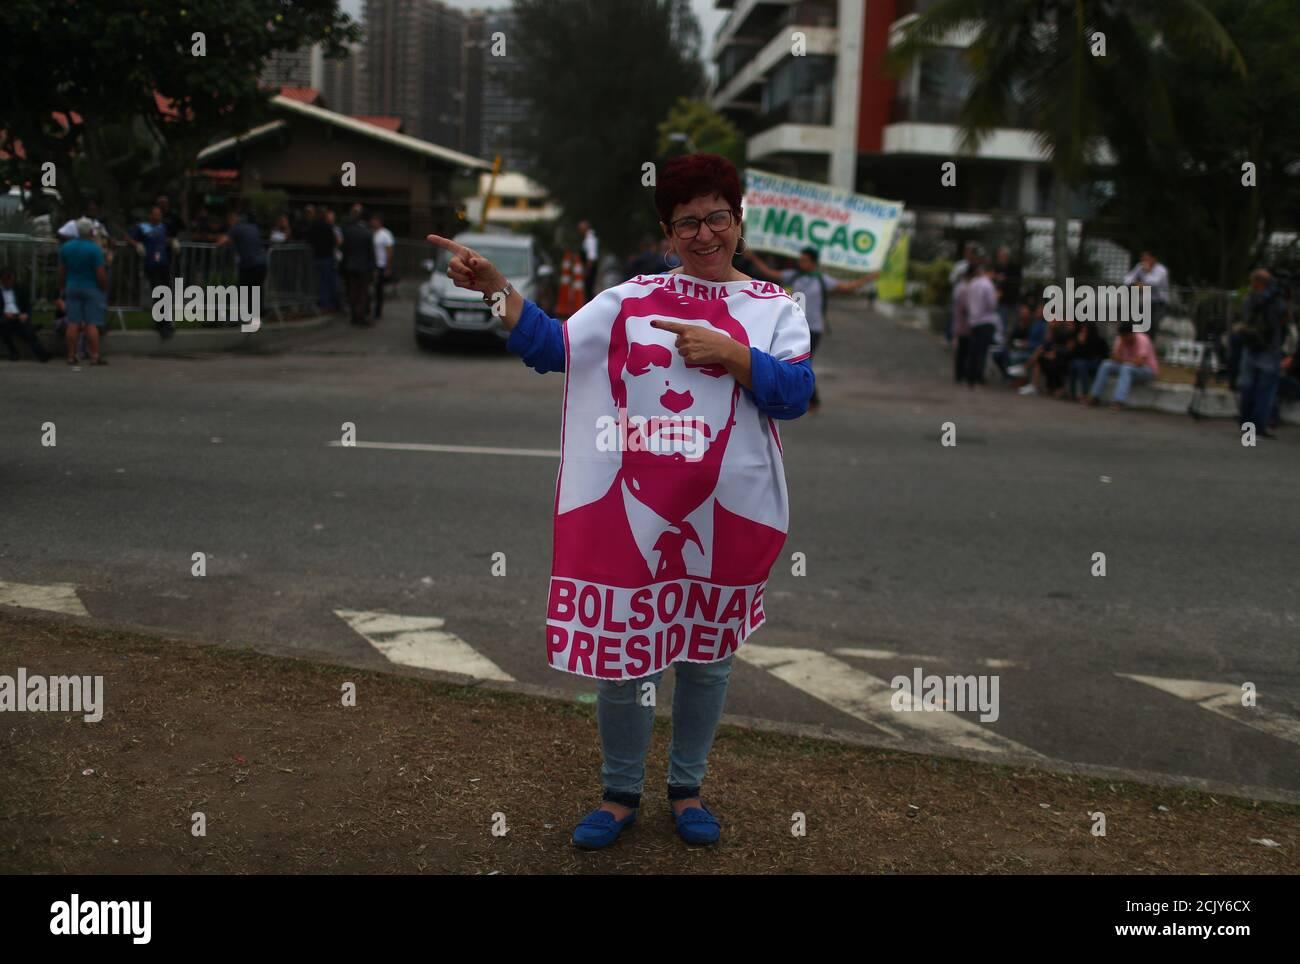 Ein Unterstützer des neuen Präsidenten Brasiliens, Jair Bolsonaro, trägt ein Stück Stoff mit einem Bild seines Gesichts, Gesten vor seiner Eigentumswohnung in Barra da Tijuca Nachbarschaft in Rio de Janeiro, Brasilien 29. Oktober 2018. REUTERS/Pilar Olivares Stockfoto